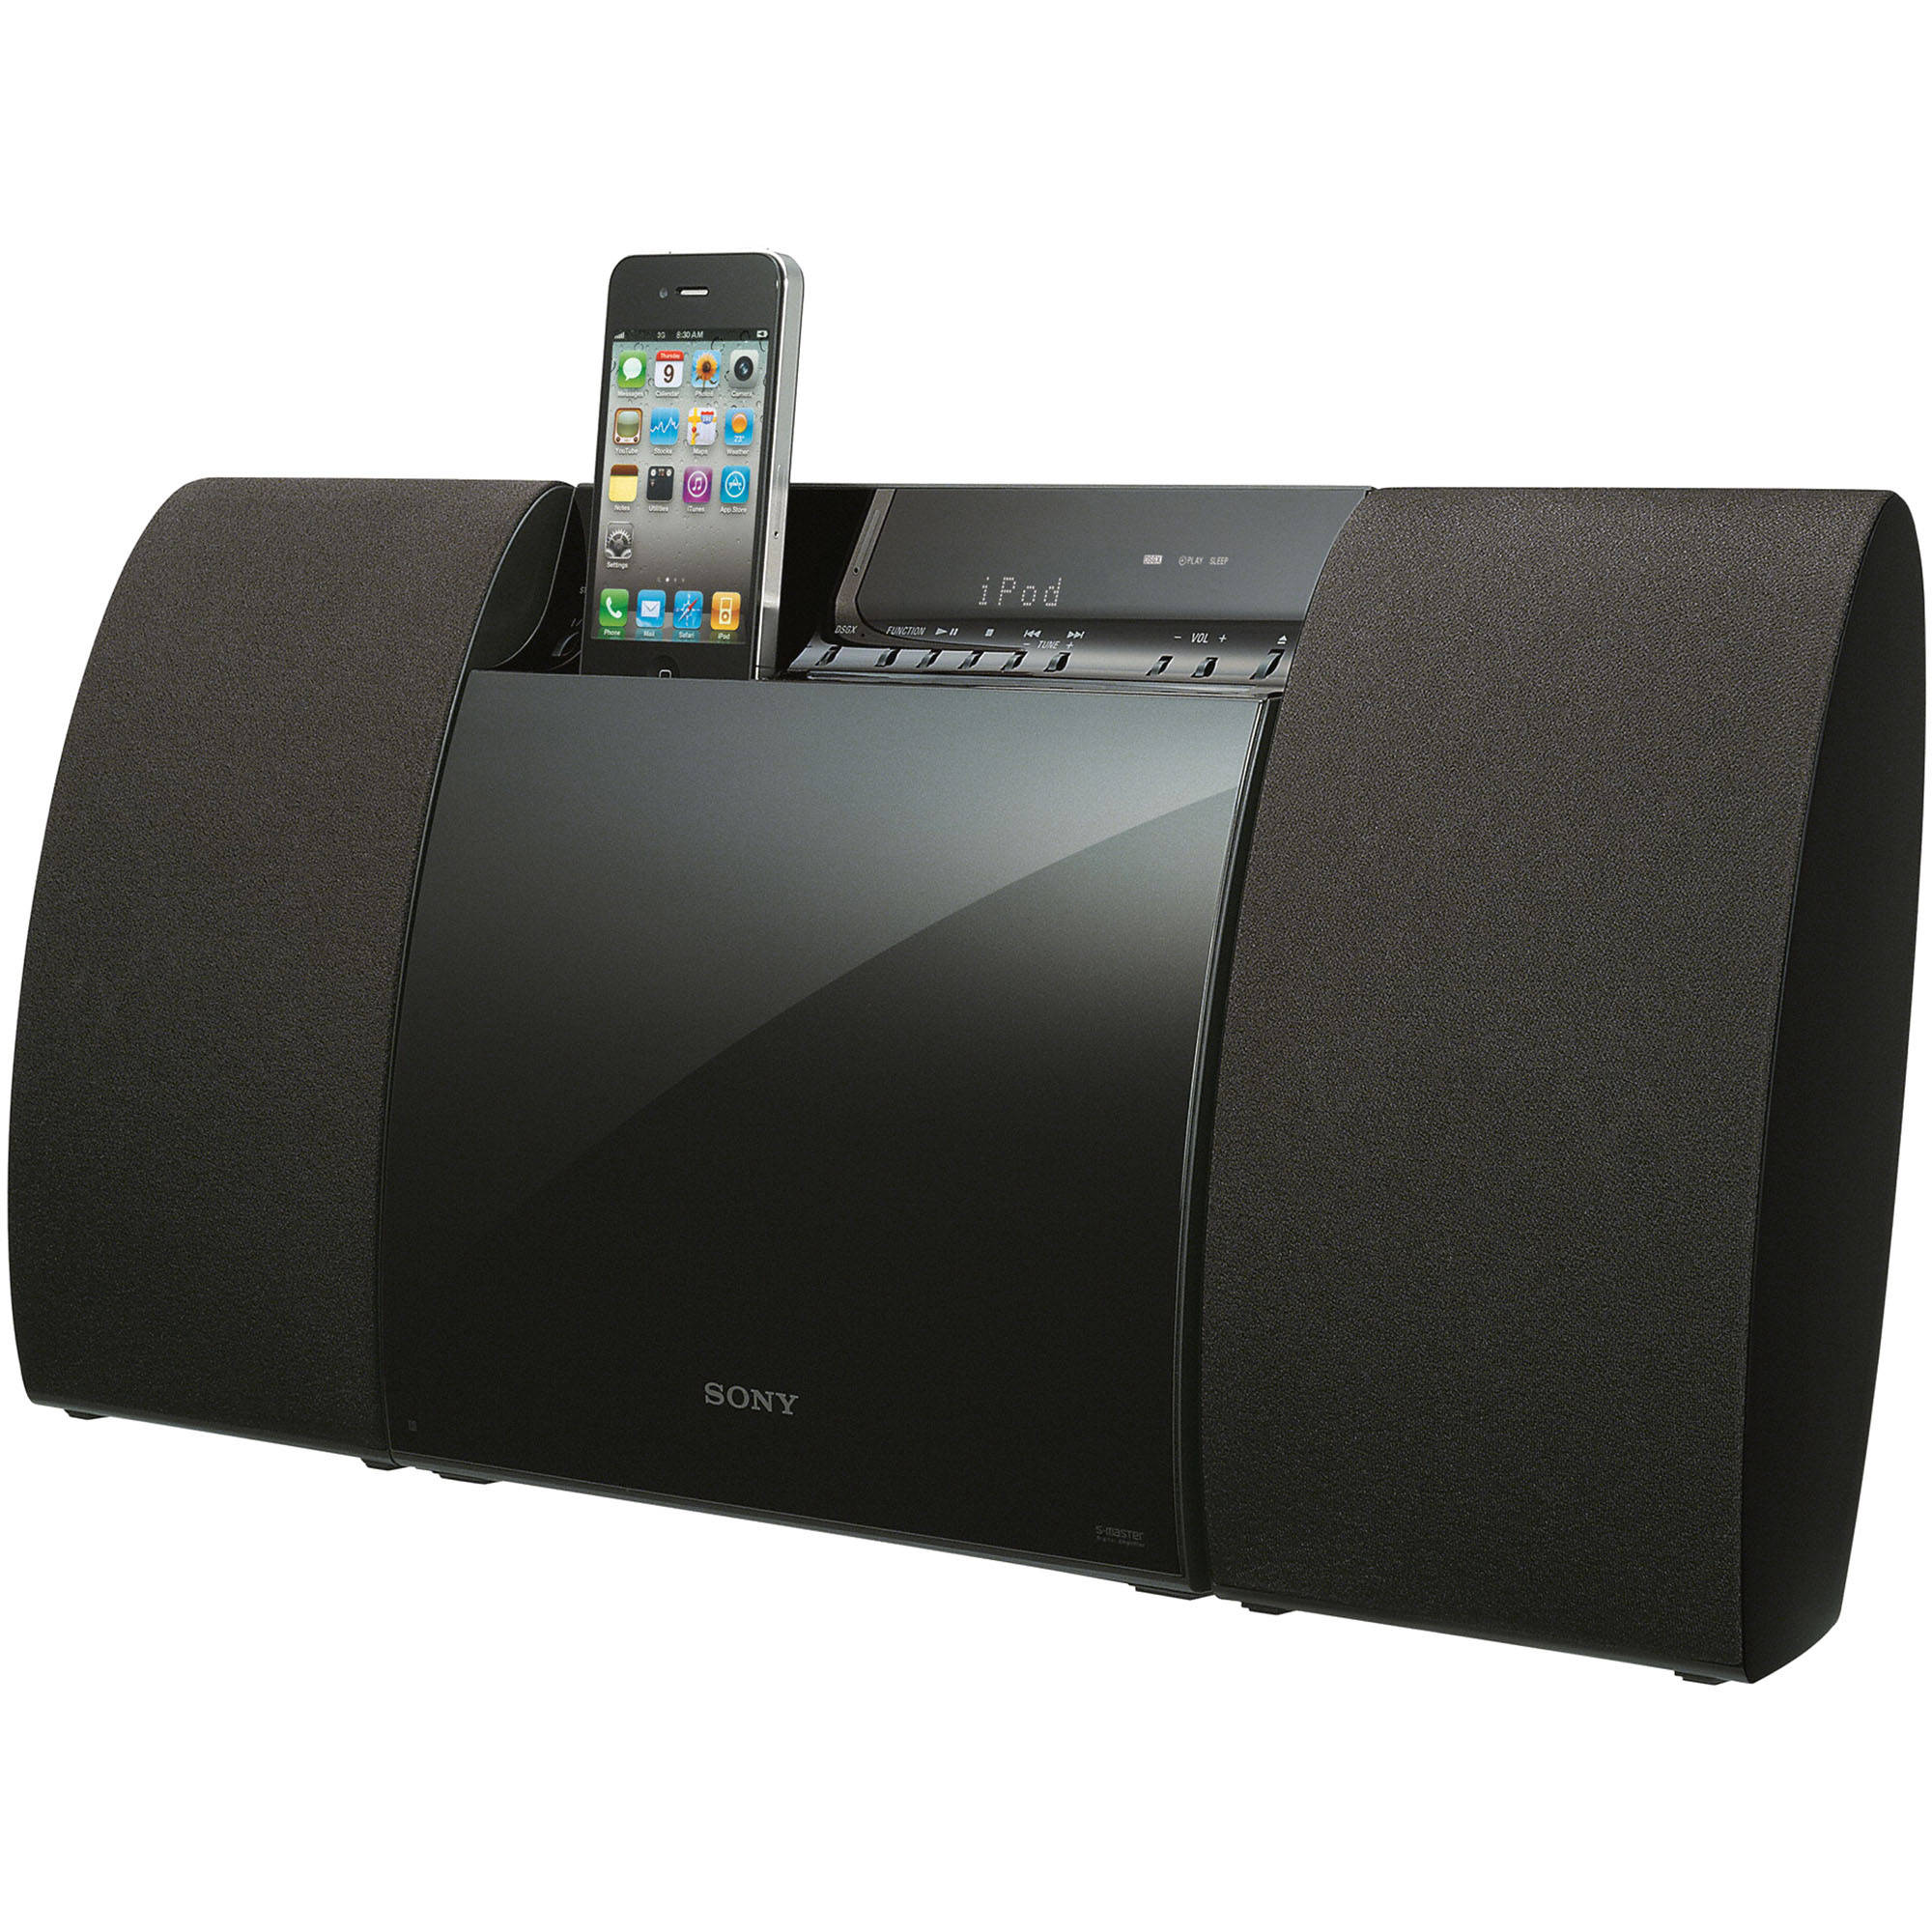 Micro hi fi shelf system